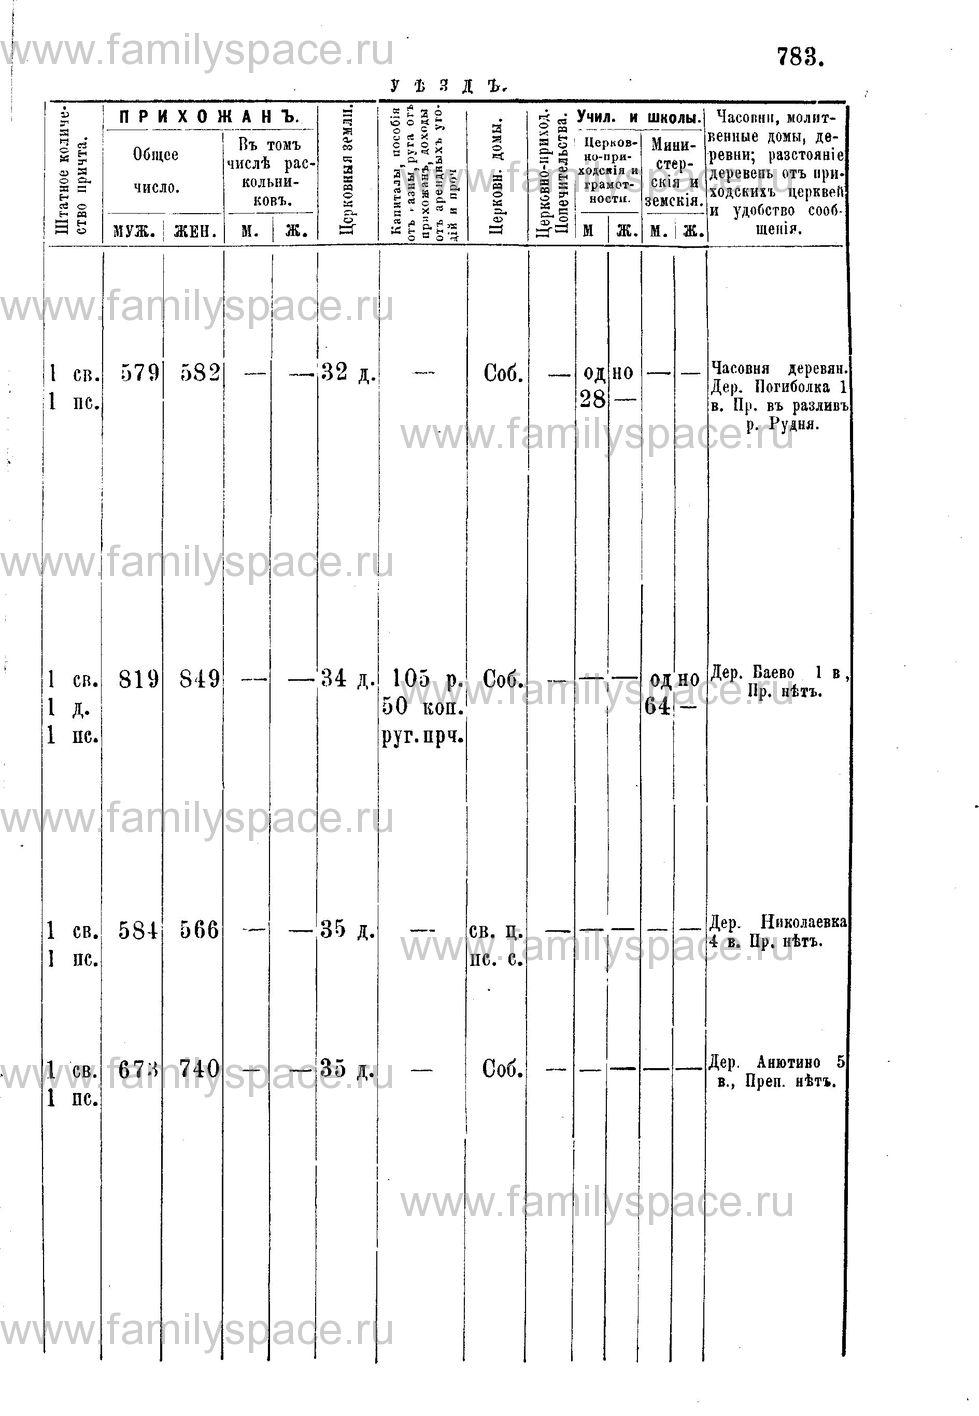 Поиск по фамилии - Адрес-календарь Нижегородской епархии на 1888 год, страница 1783